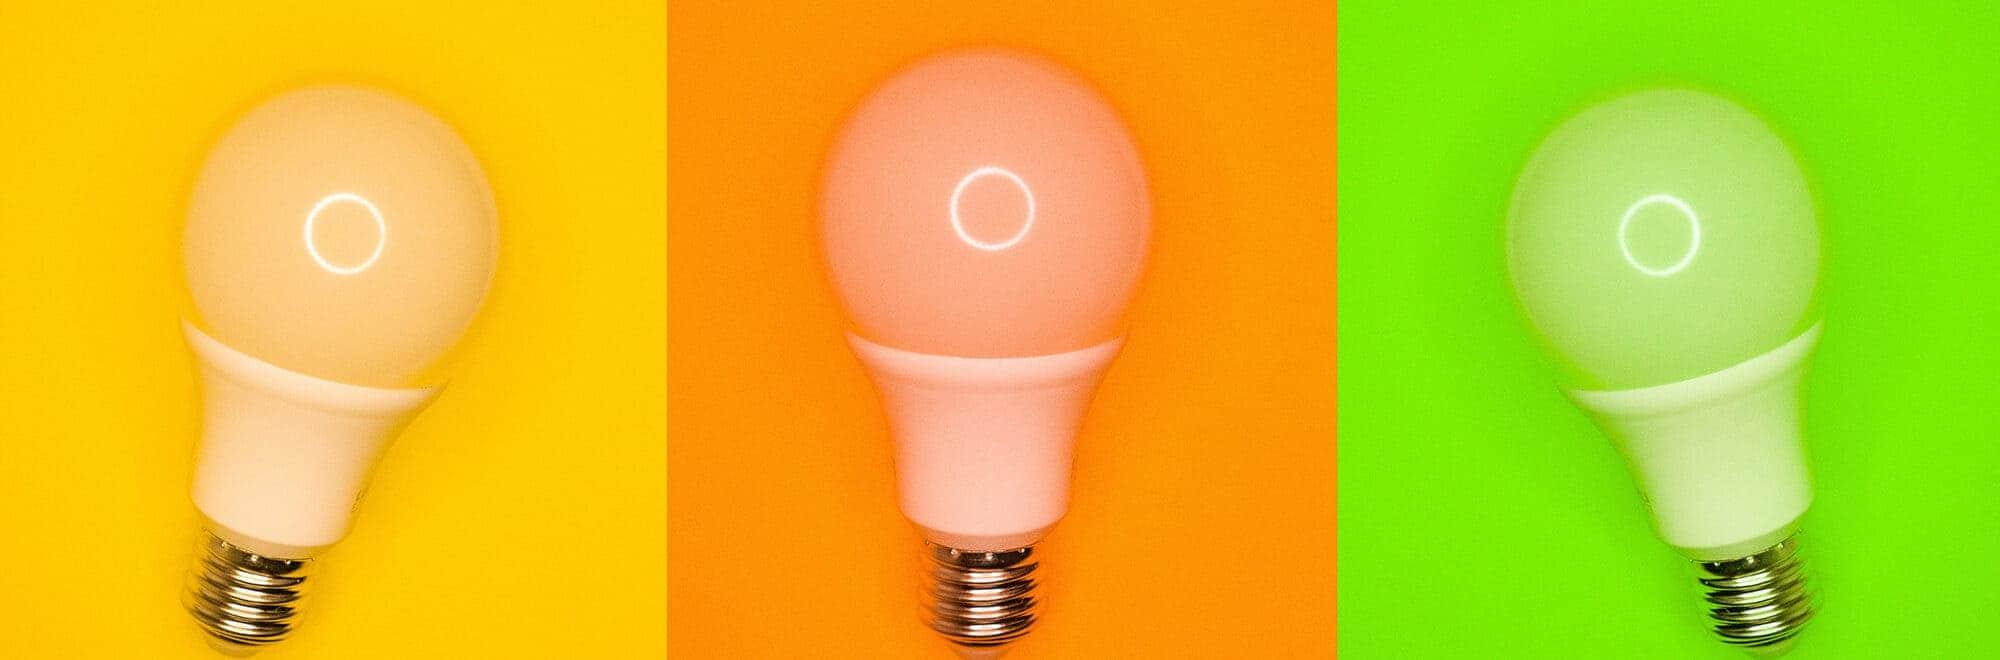 'Design Thinking': ¿qué es y por qué es importante para las empresas?